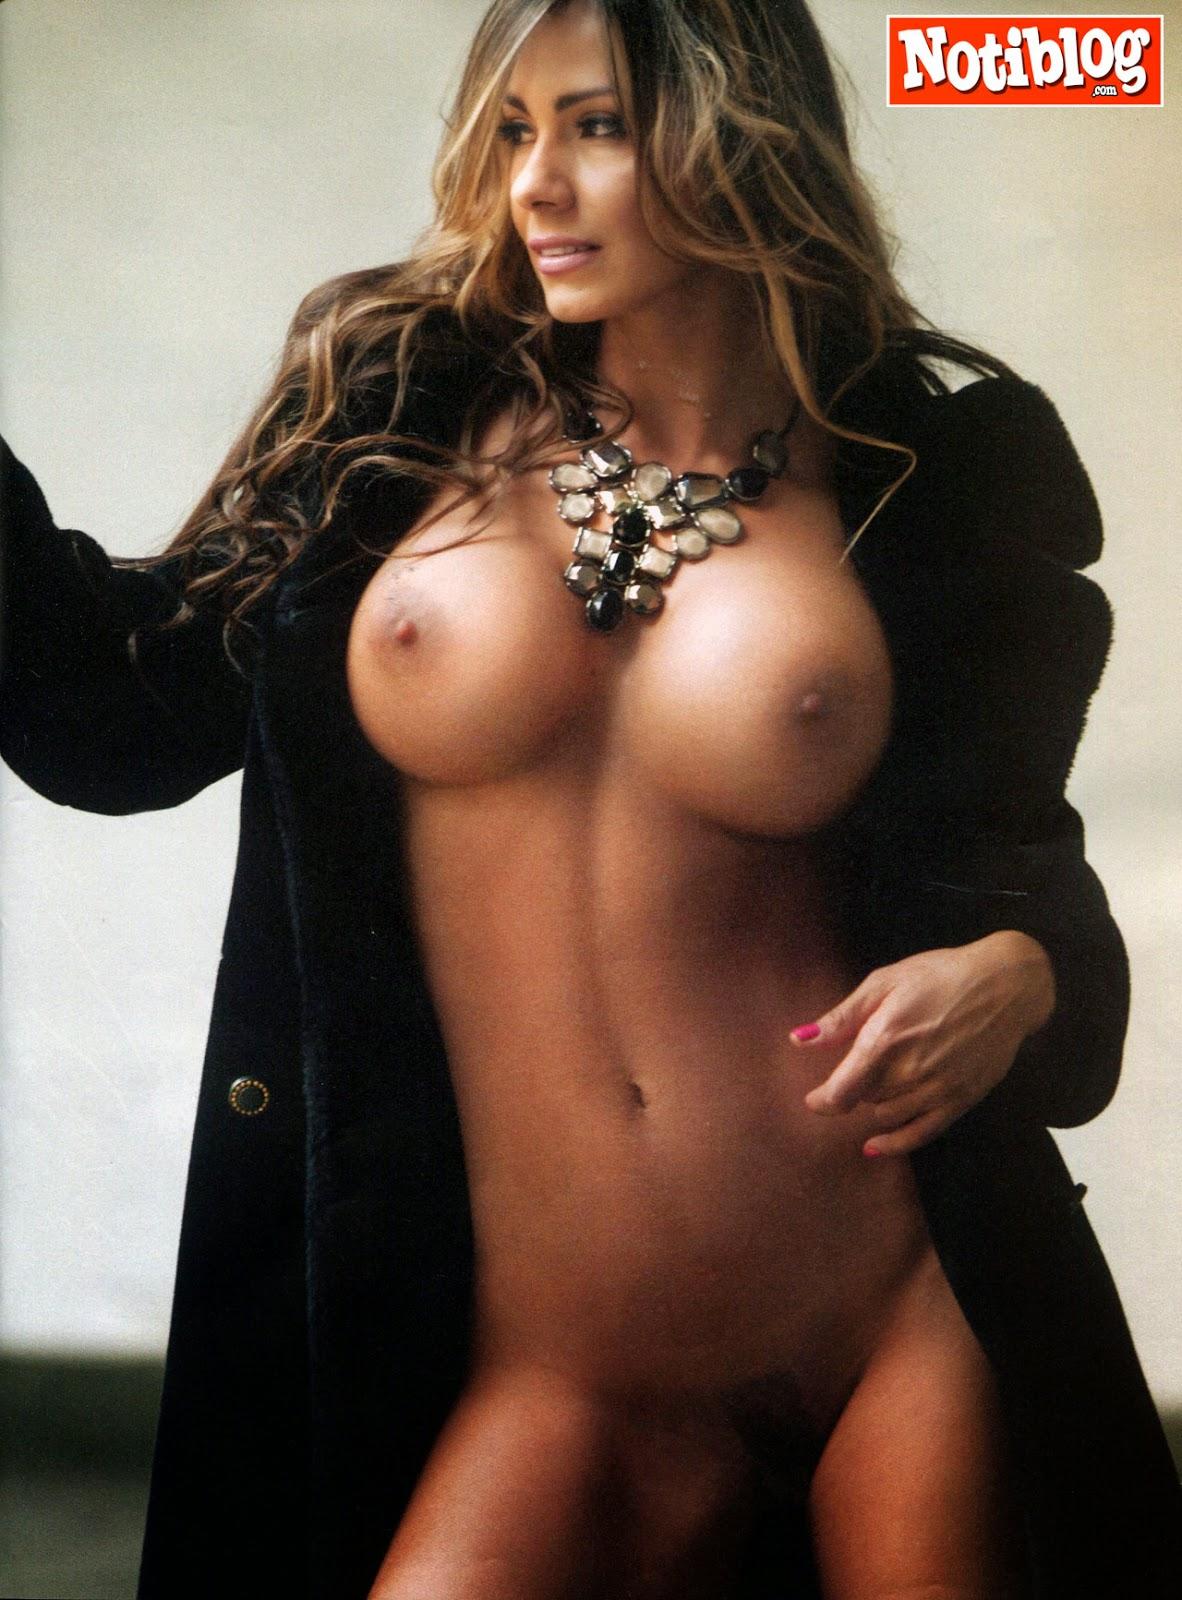 Mujeres Porno Mas Lindas las mujeres mas lindas de la web : esperanza gomez, la reina